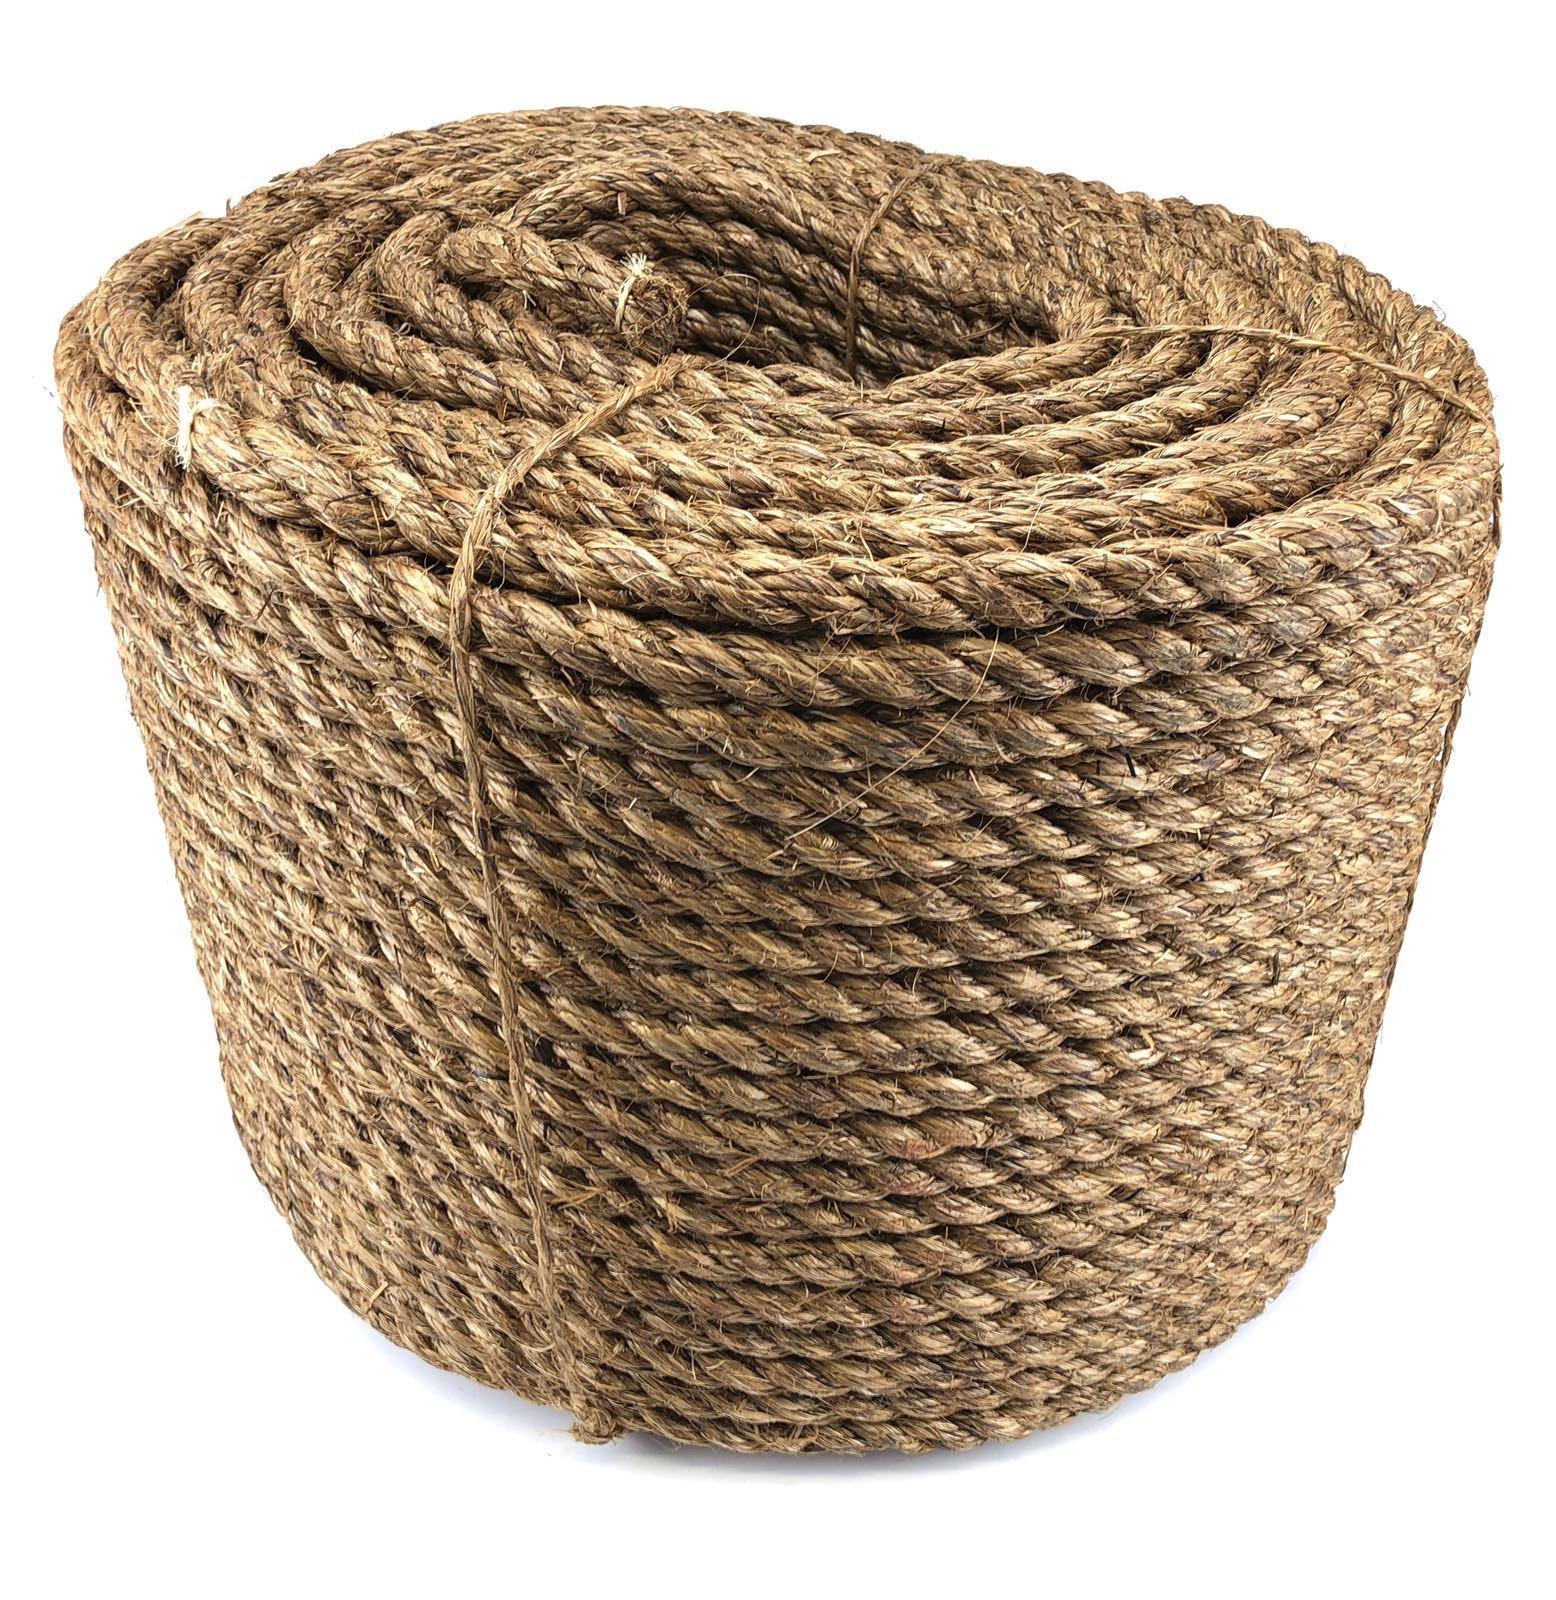 8mm Natürlicher Manila Seil, Natürlich Fasern für Kotflügel Terrassendielen   | Qualität und Verbraucher an erster Stelle  | Kaufen  | Starke Hitze- und Abnutzungsbeständigkeit